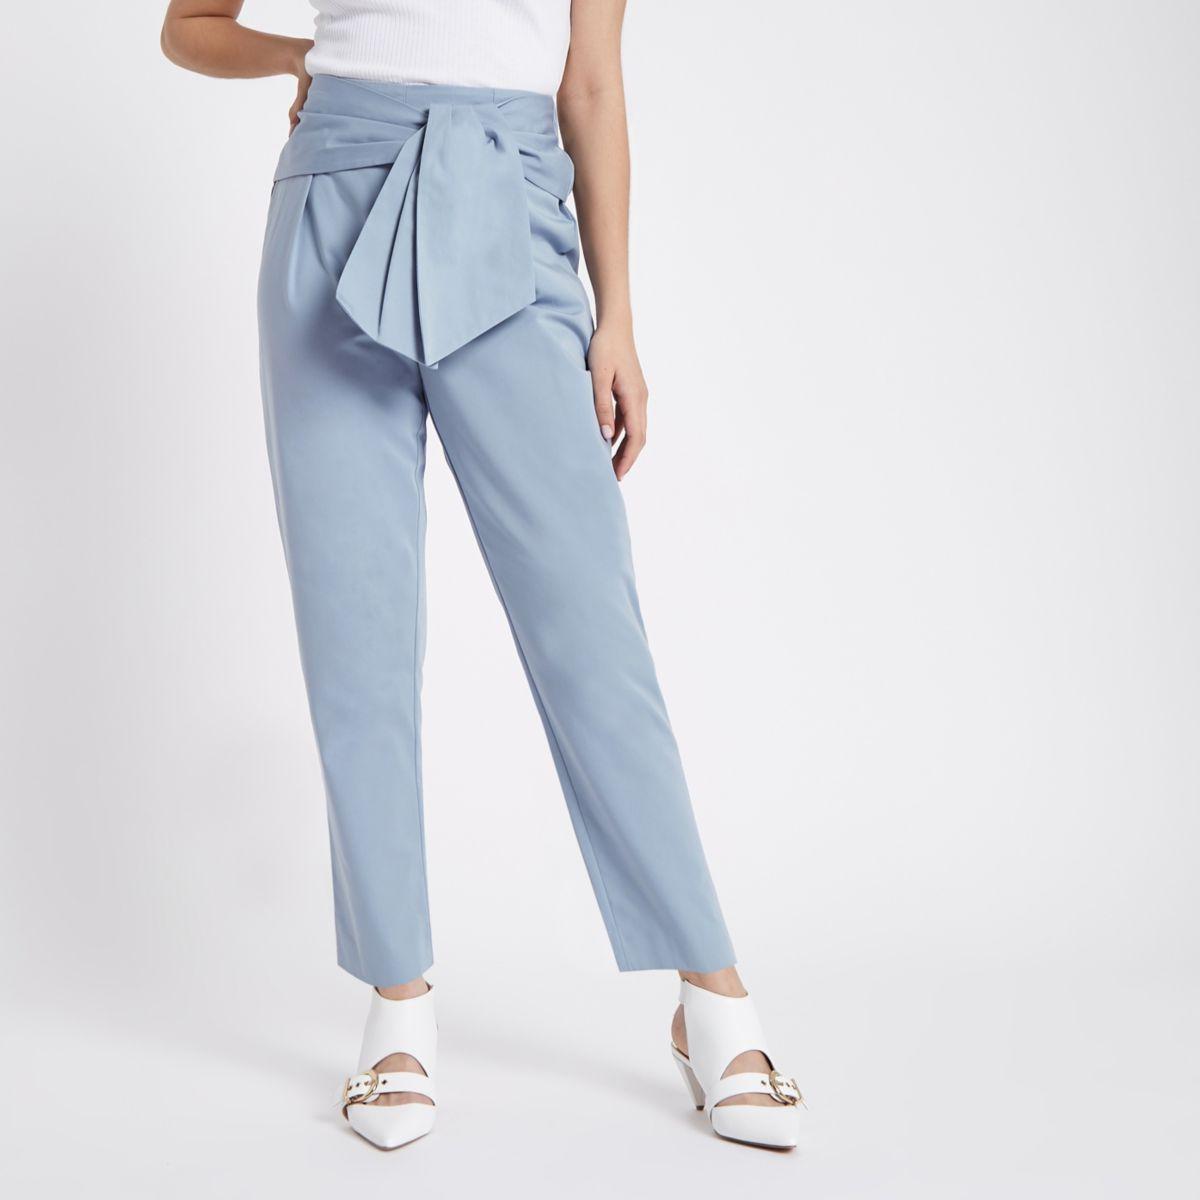 Blue tie front peg pants